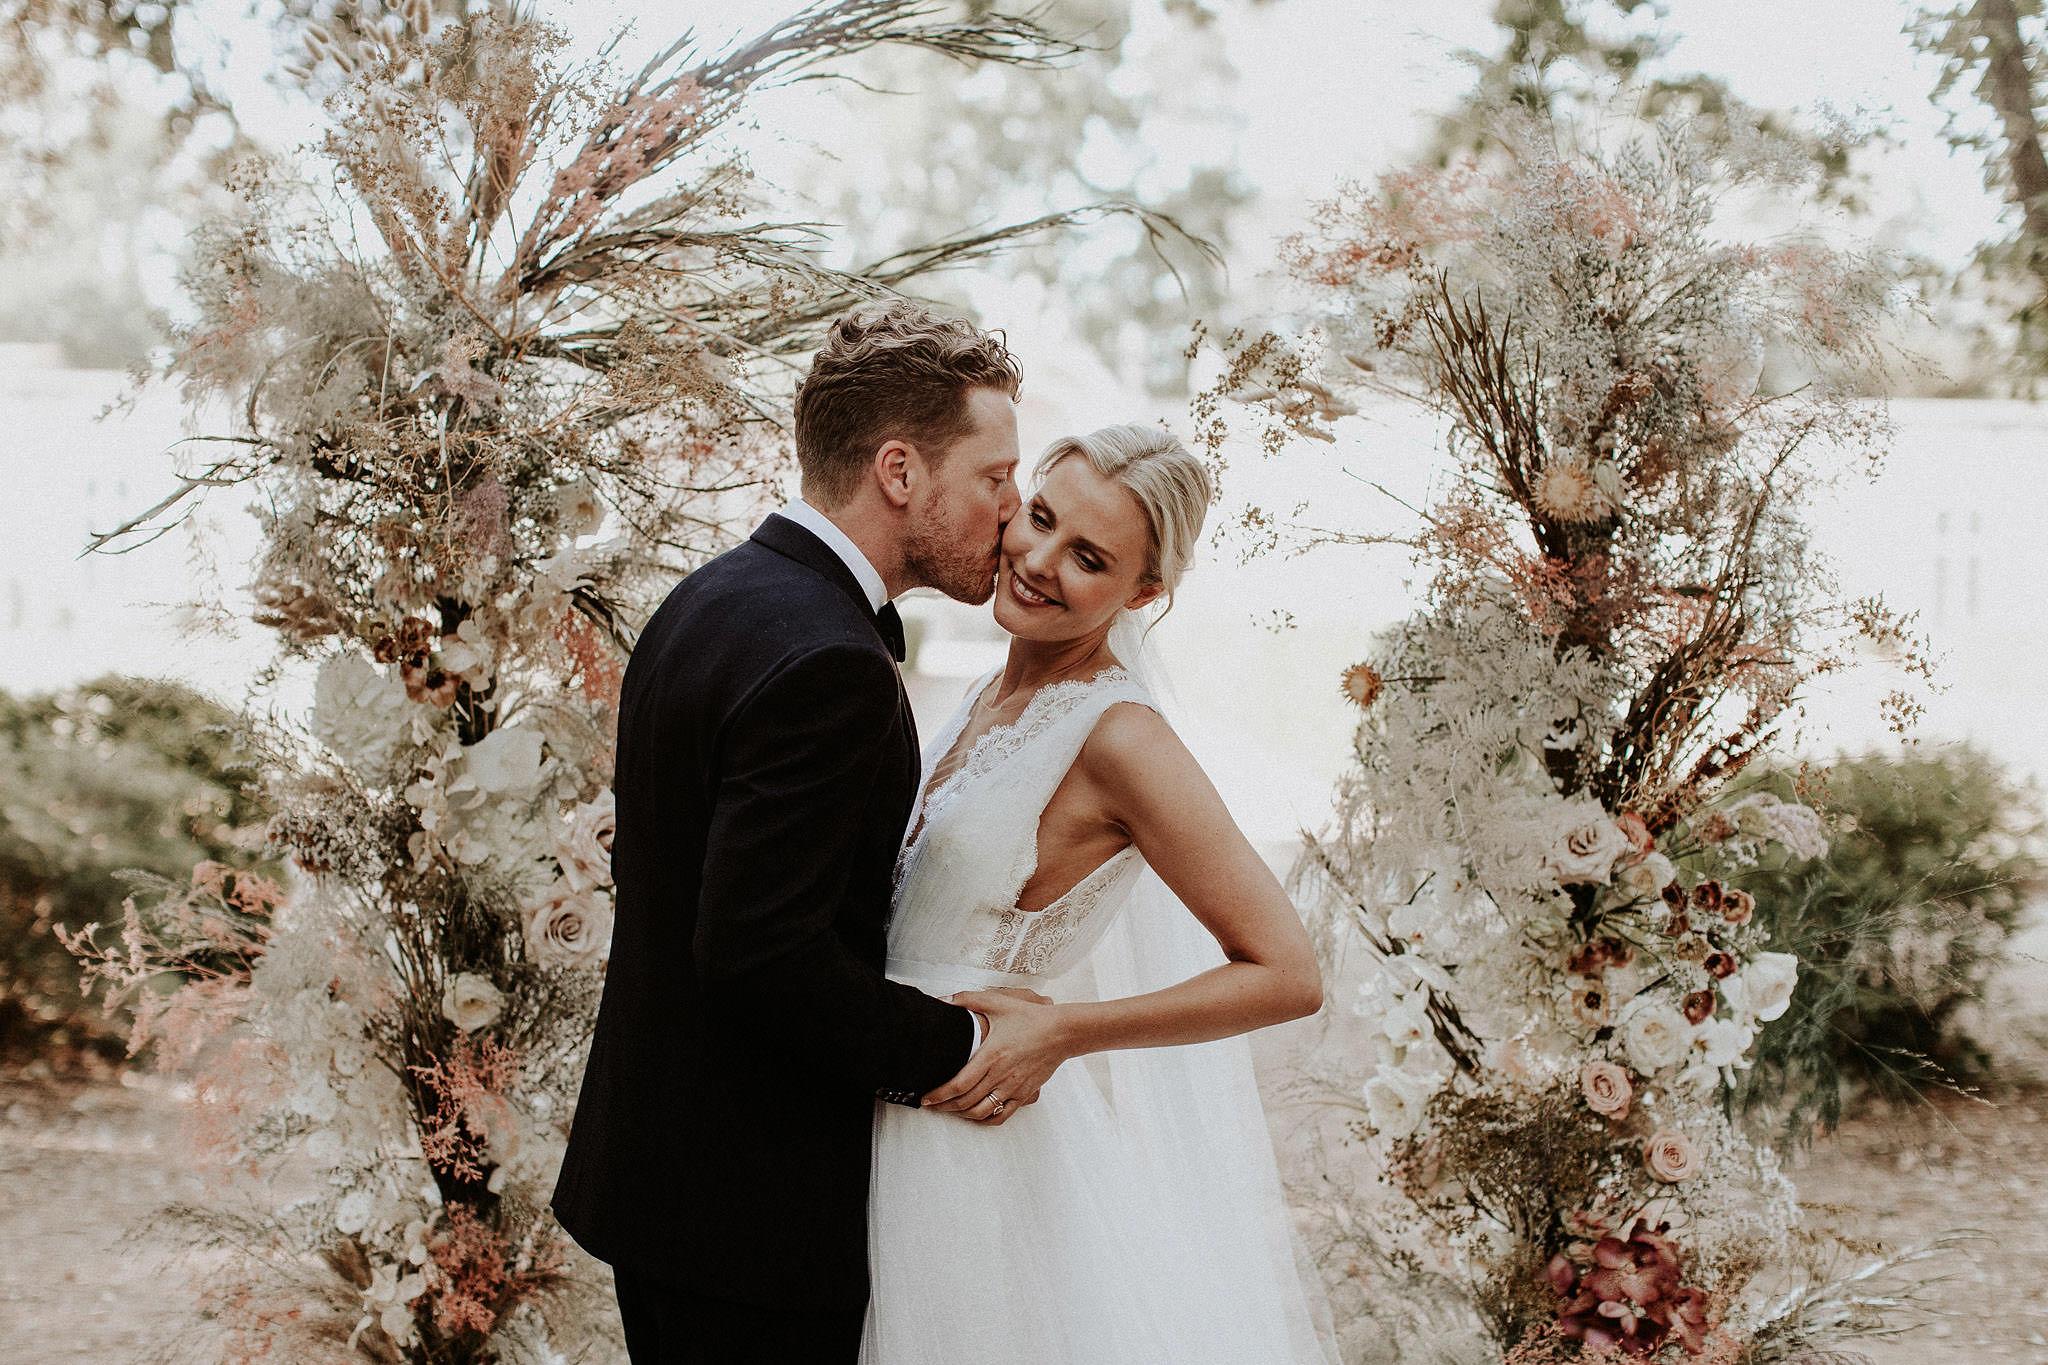 Mari+Rowan_weddingday_00340